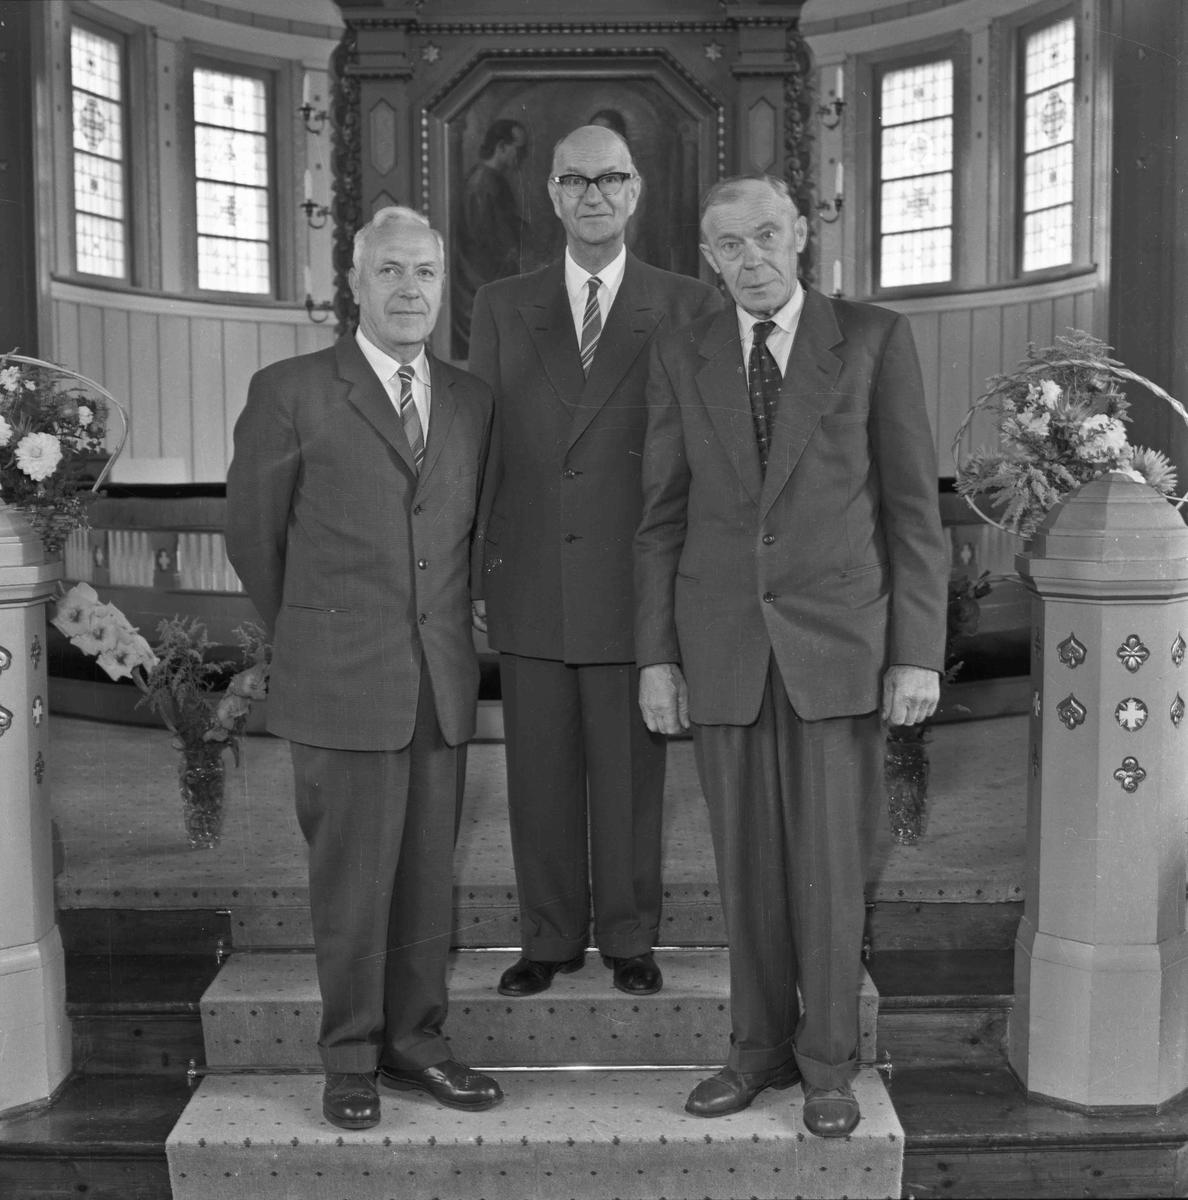 3 menn i en kirke.